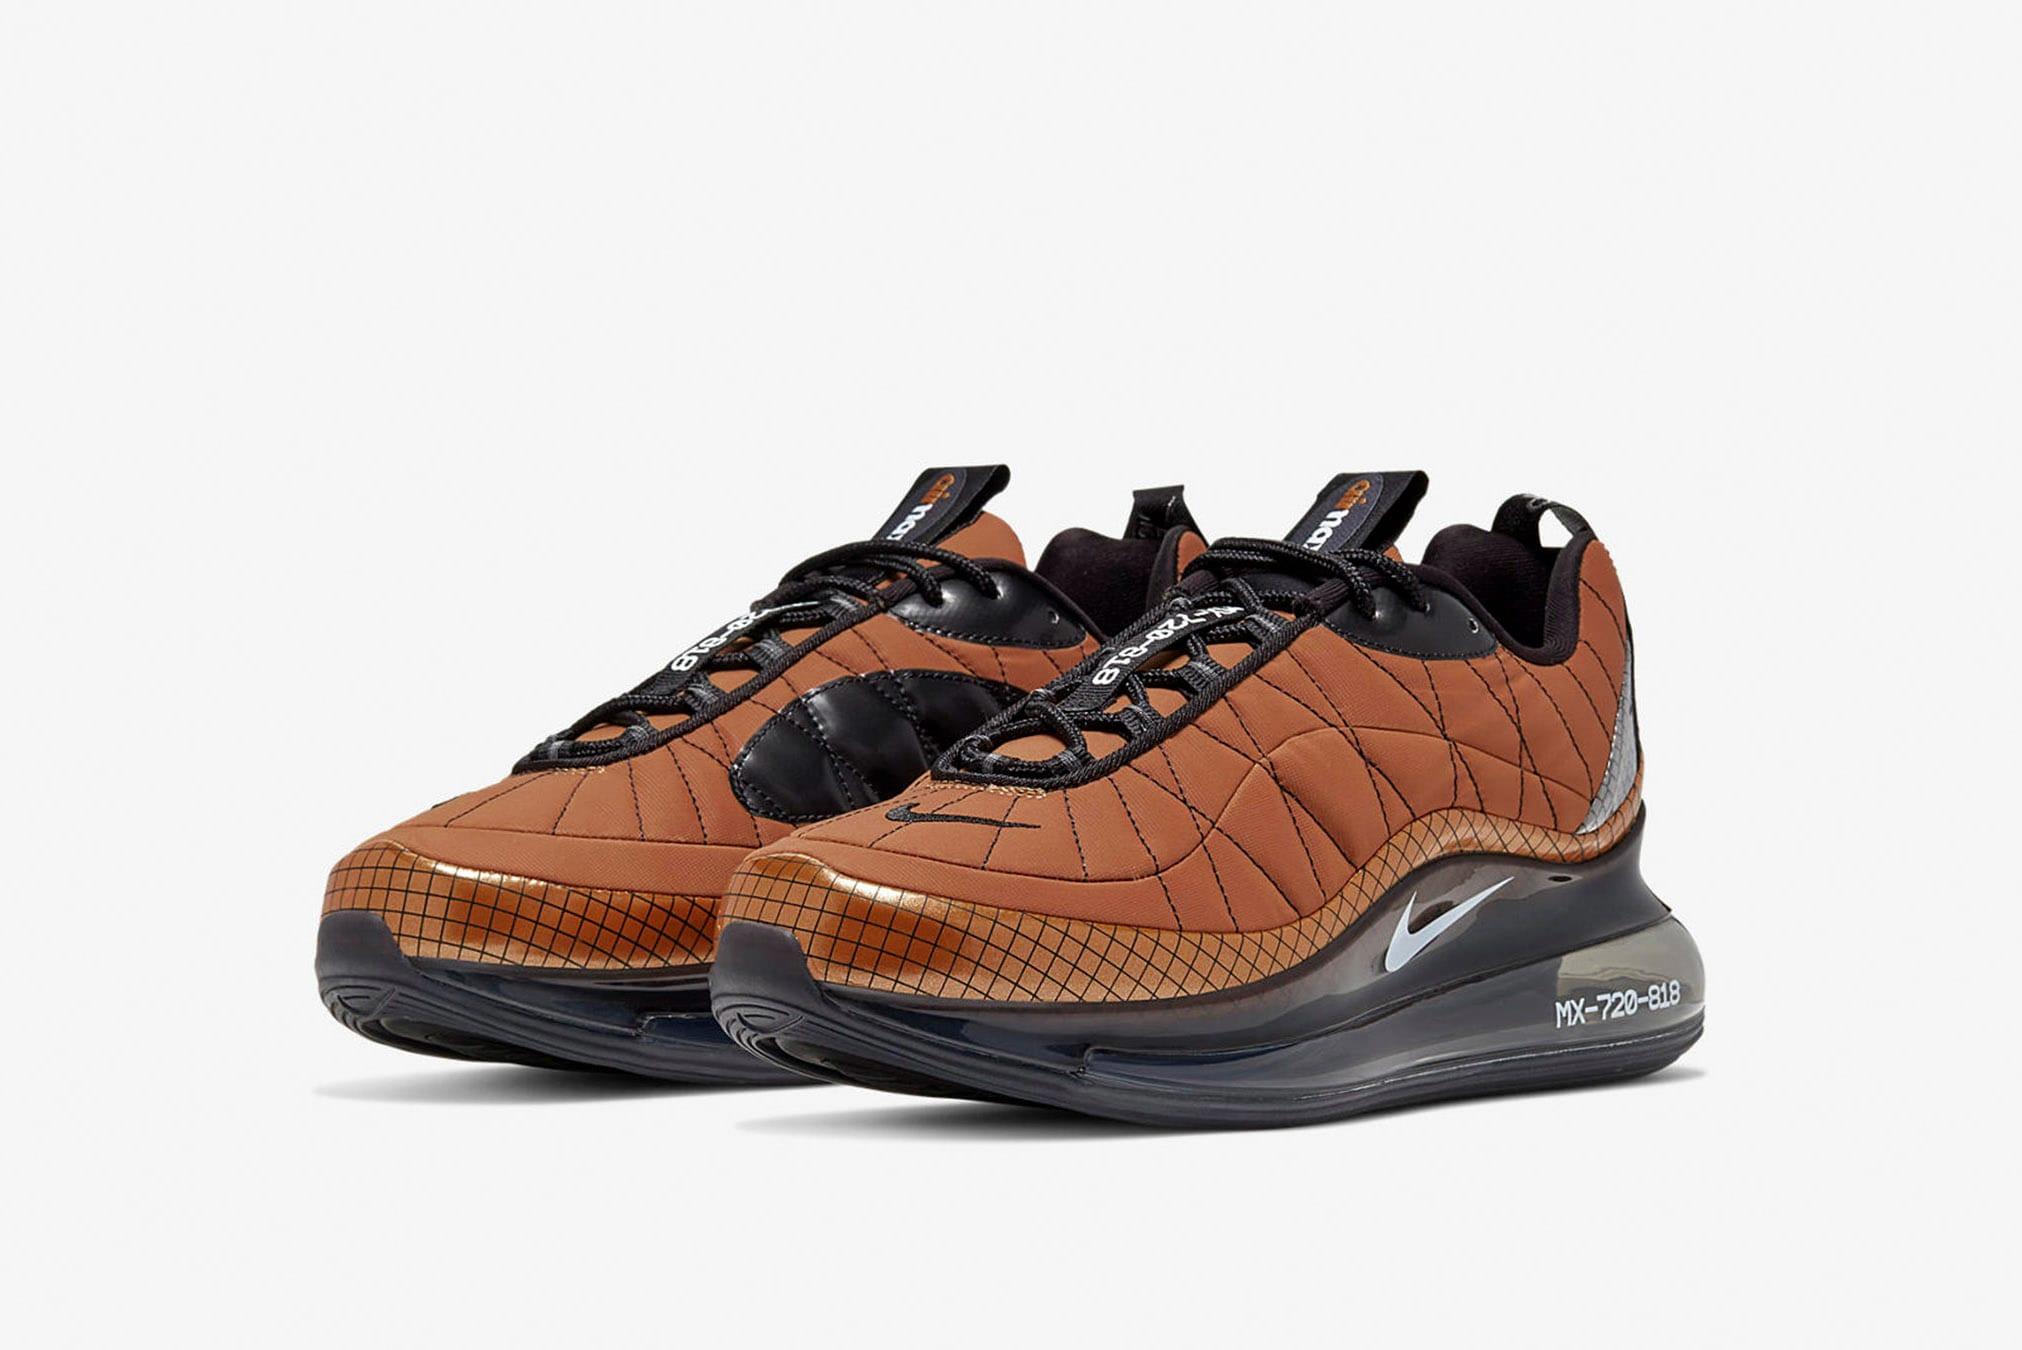 Nike Air Max 1 'Bred' Borrows from the Air Jordan 1 | Sole